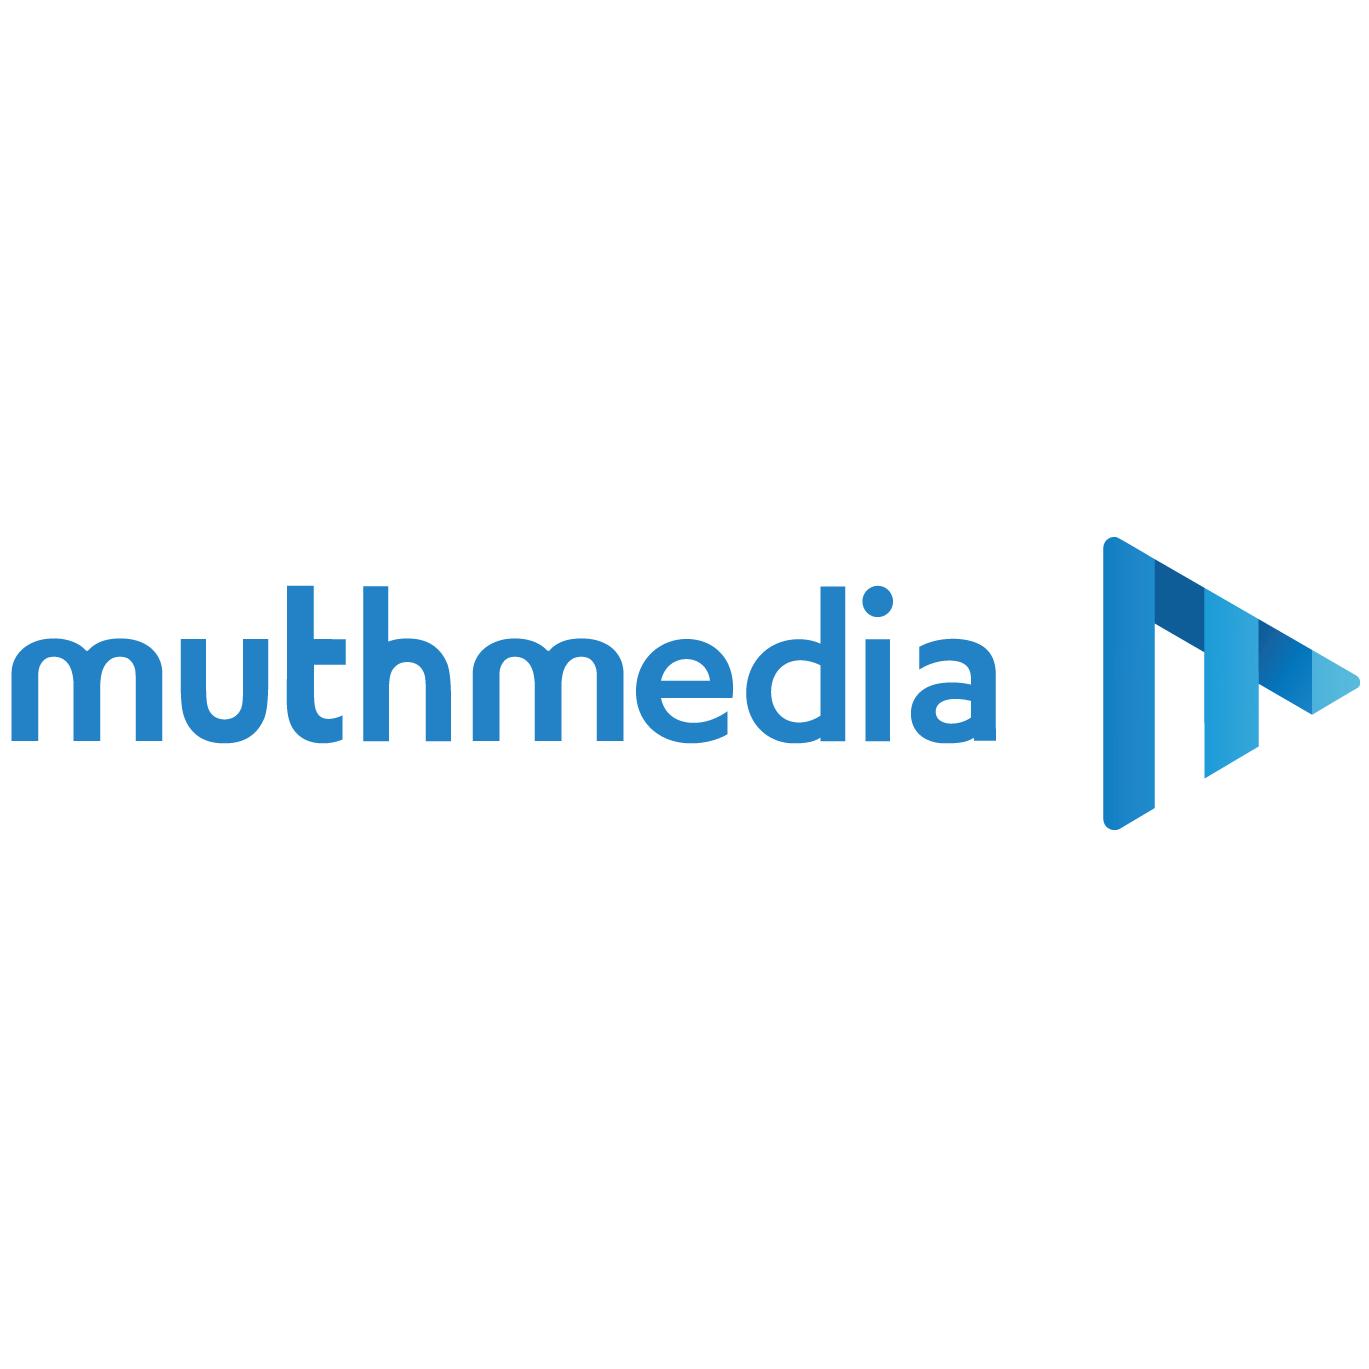 Bild zu muthmedia GmbH Filmproduktion & Videoproduktion Frankfurt in Frankfurt am Main